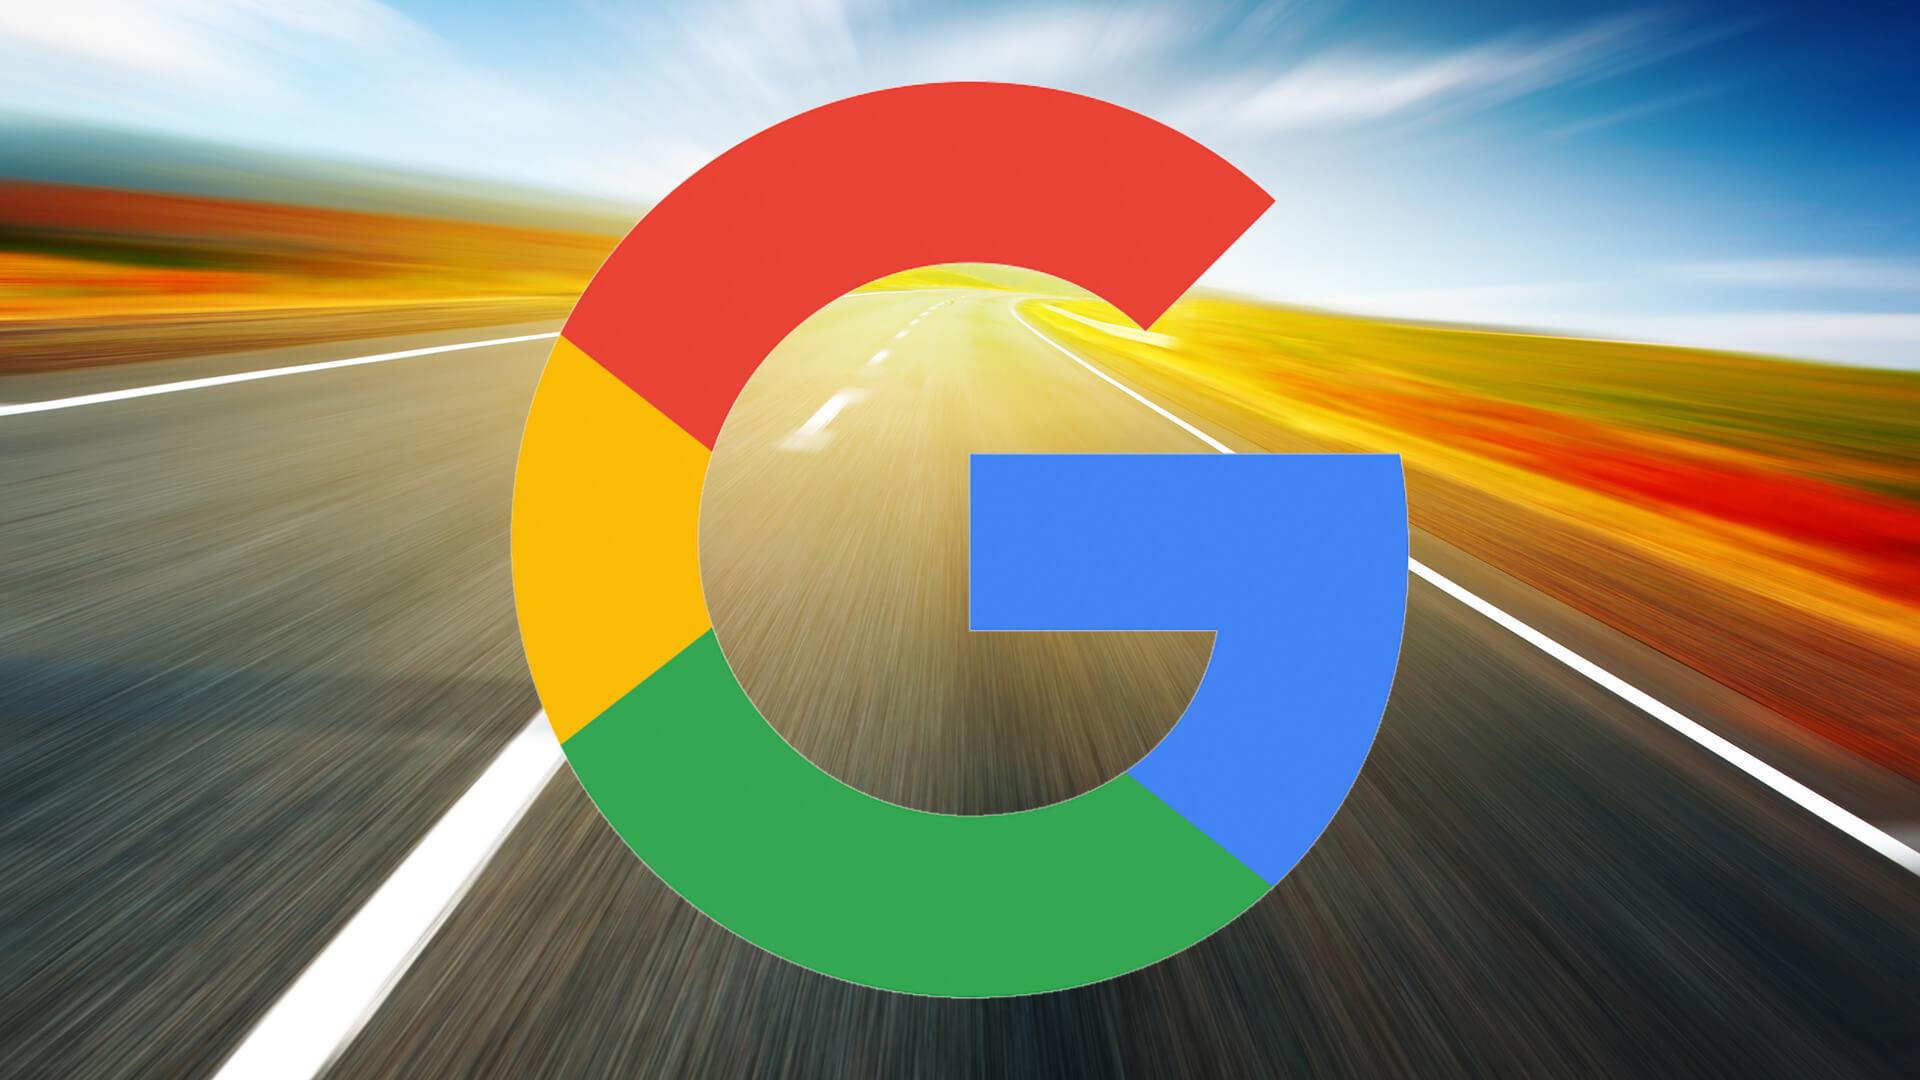 کنفرانس Google I/O 2017 روز ۲۷ اردیبهشت برگزار خواهد شد